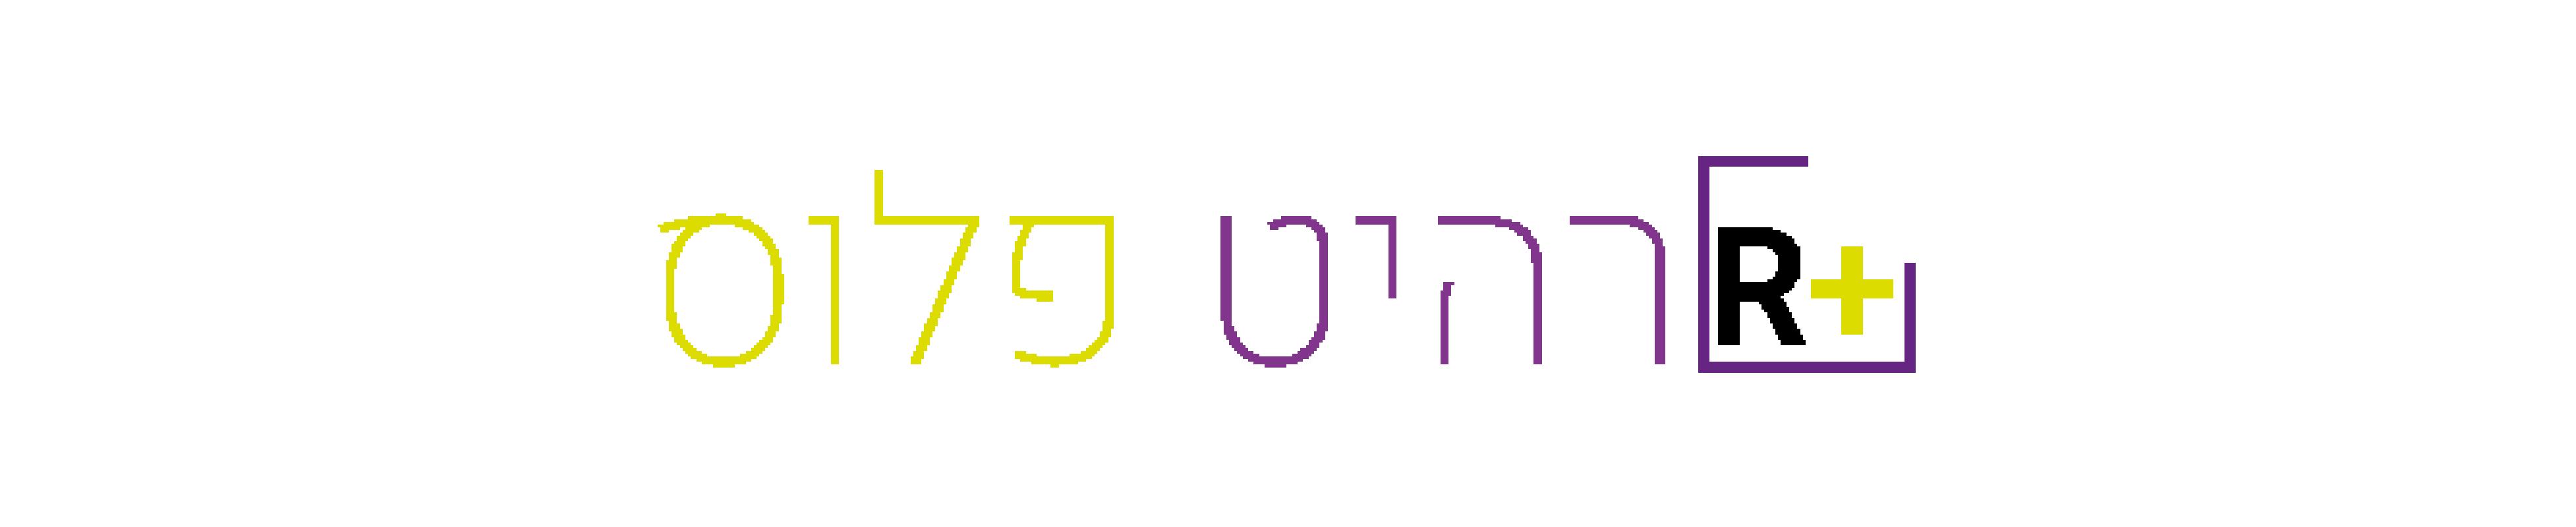 רהיט פלוס - חנות רהיטים בירושלים – רהיט פלוס